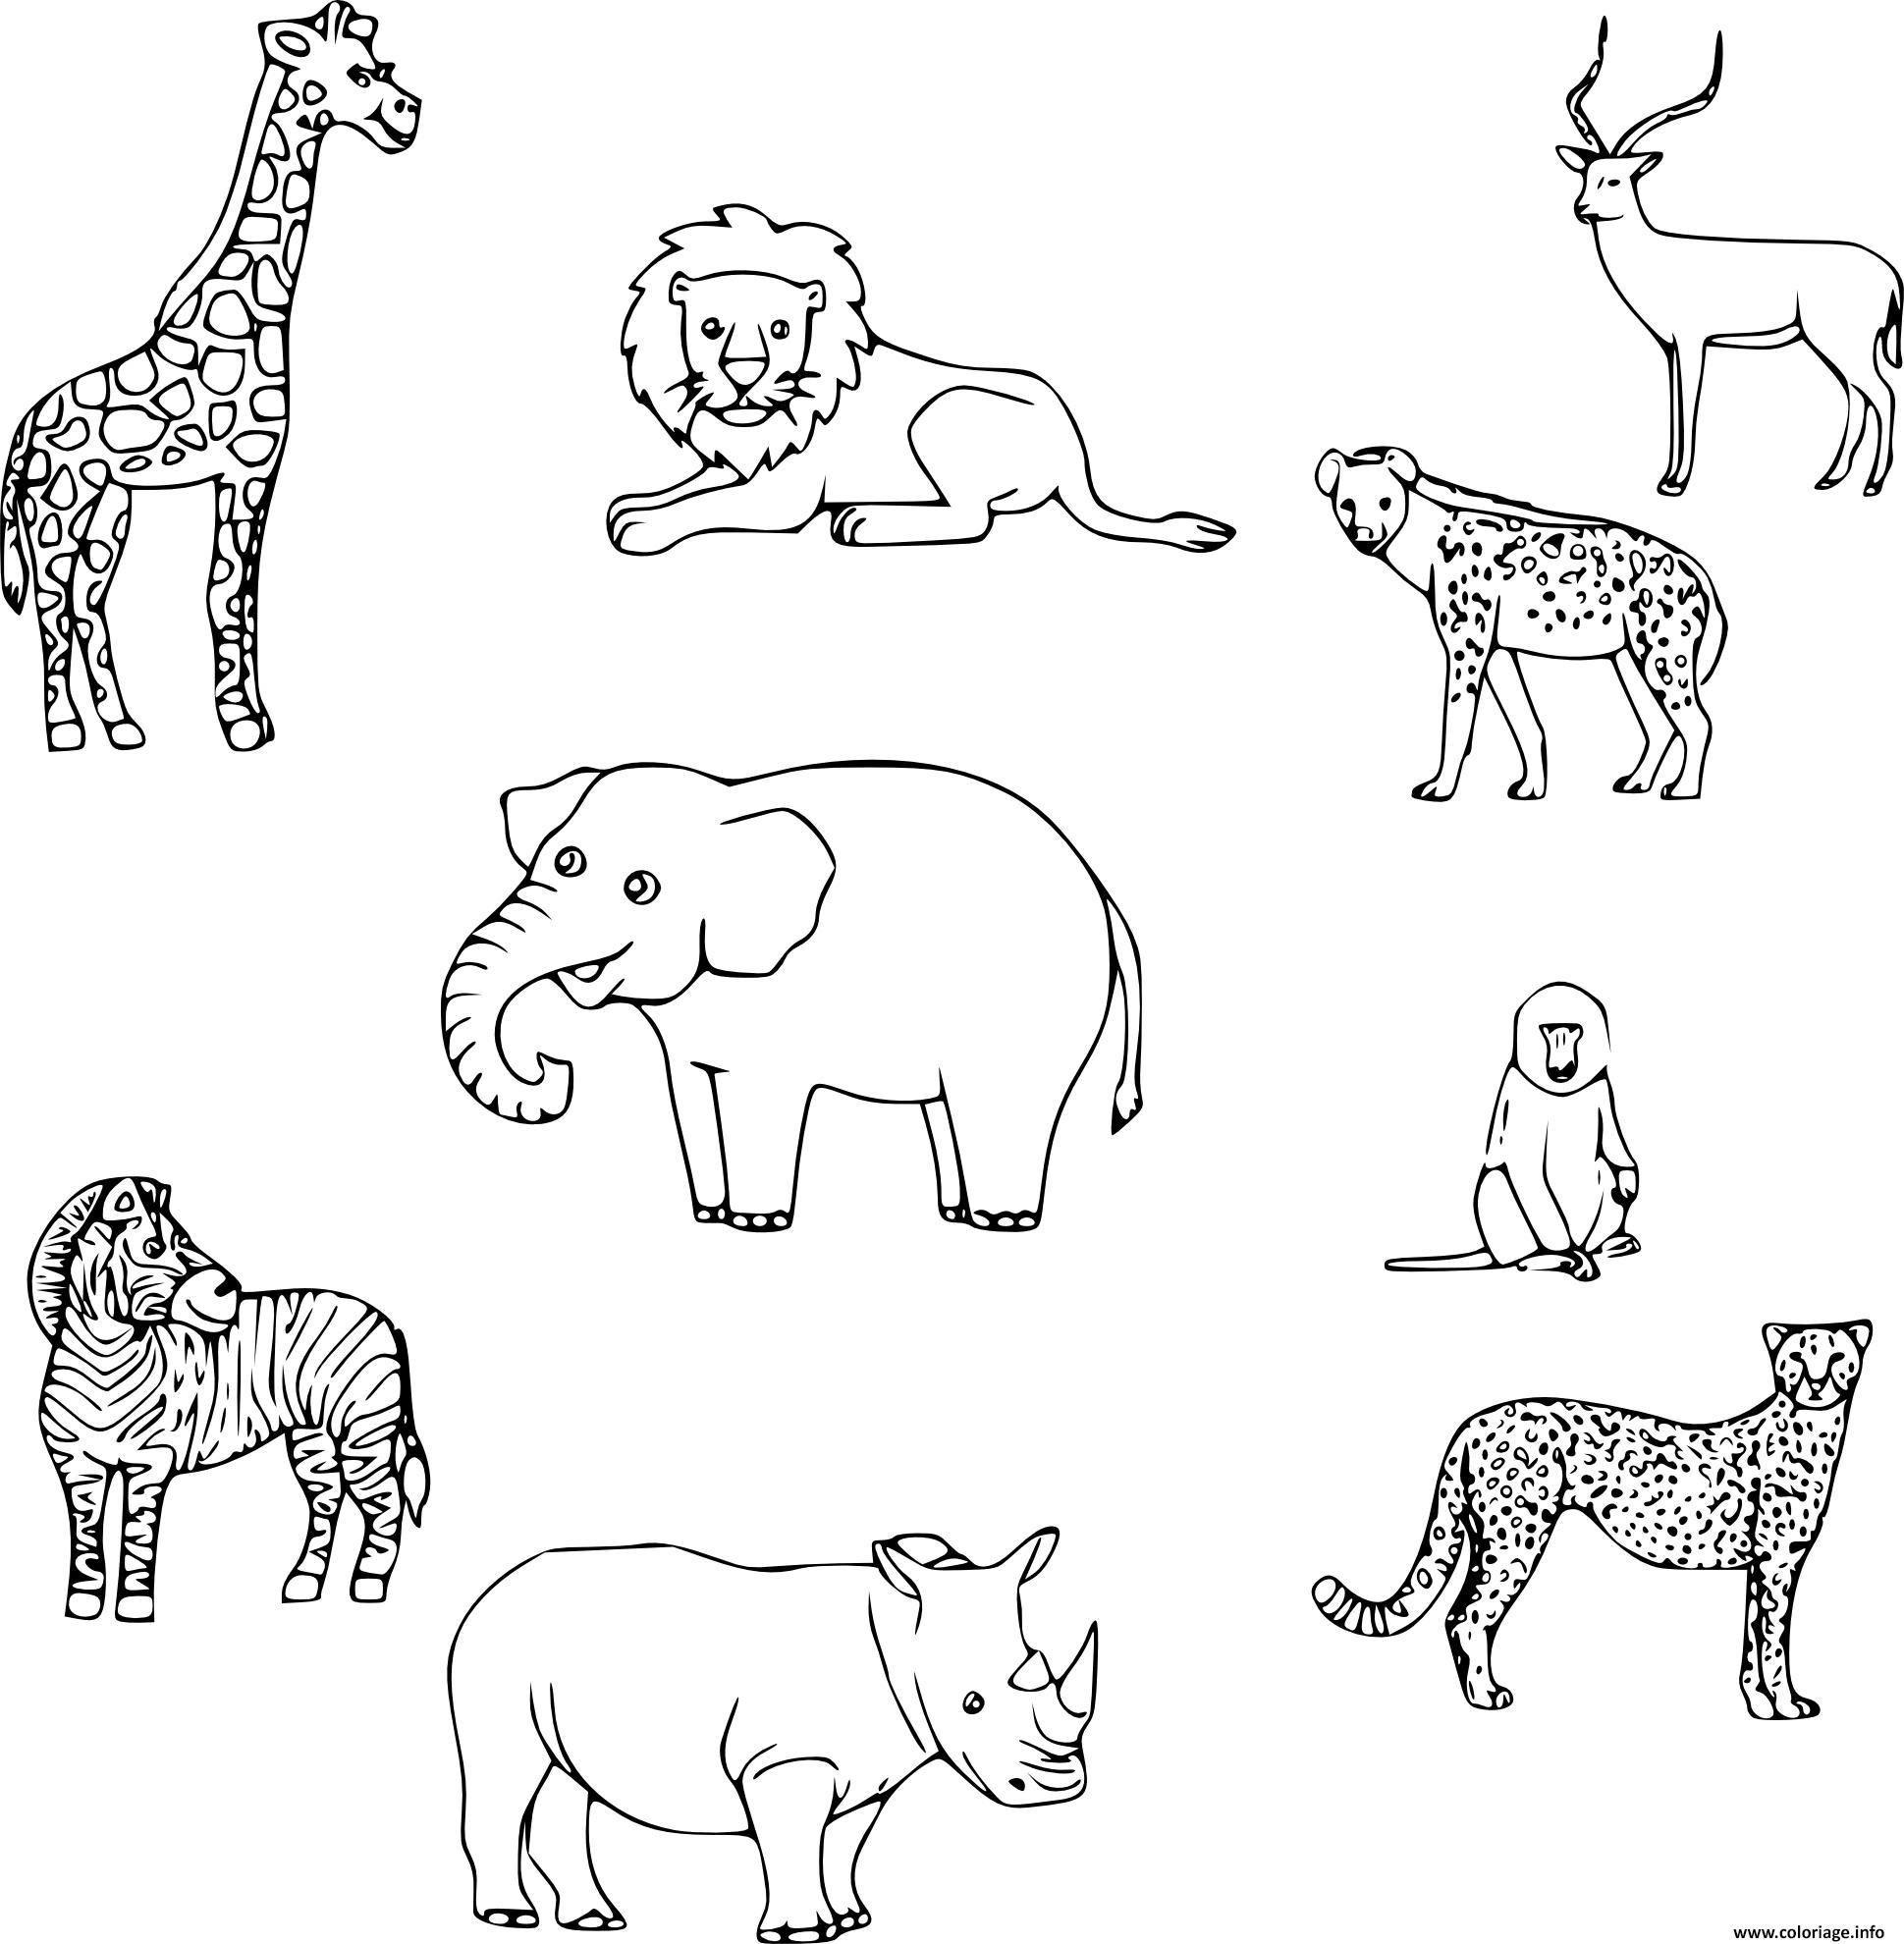 Impressionnant dessin colorier animaux - Coloriage afrique a imprimer ...